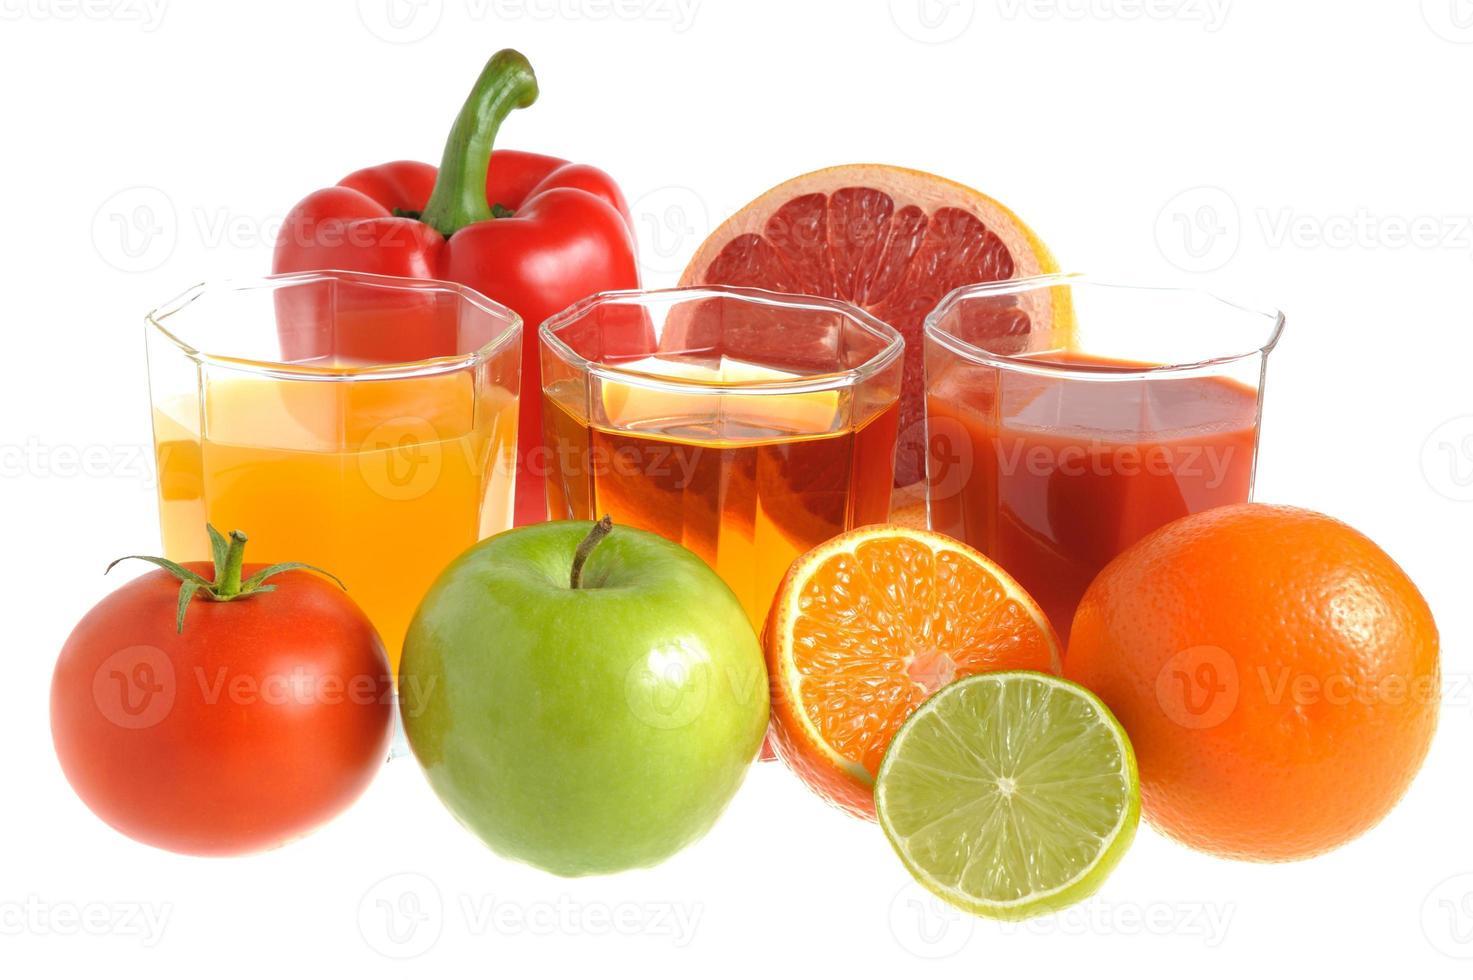 mezcla de frutas y verduras con tres vasos llenos de jugo foto